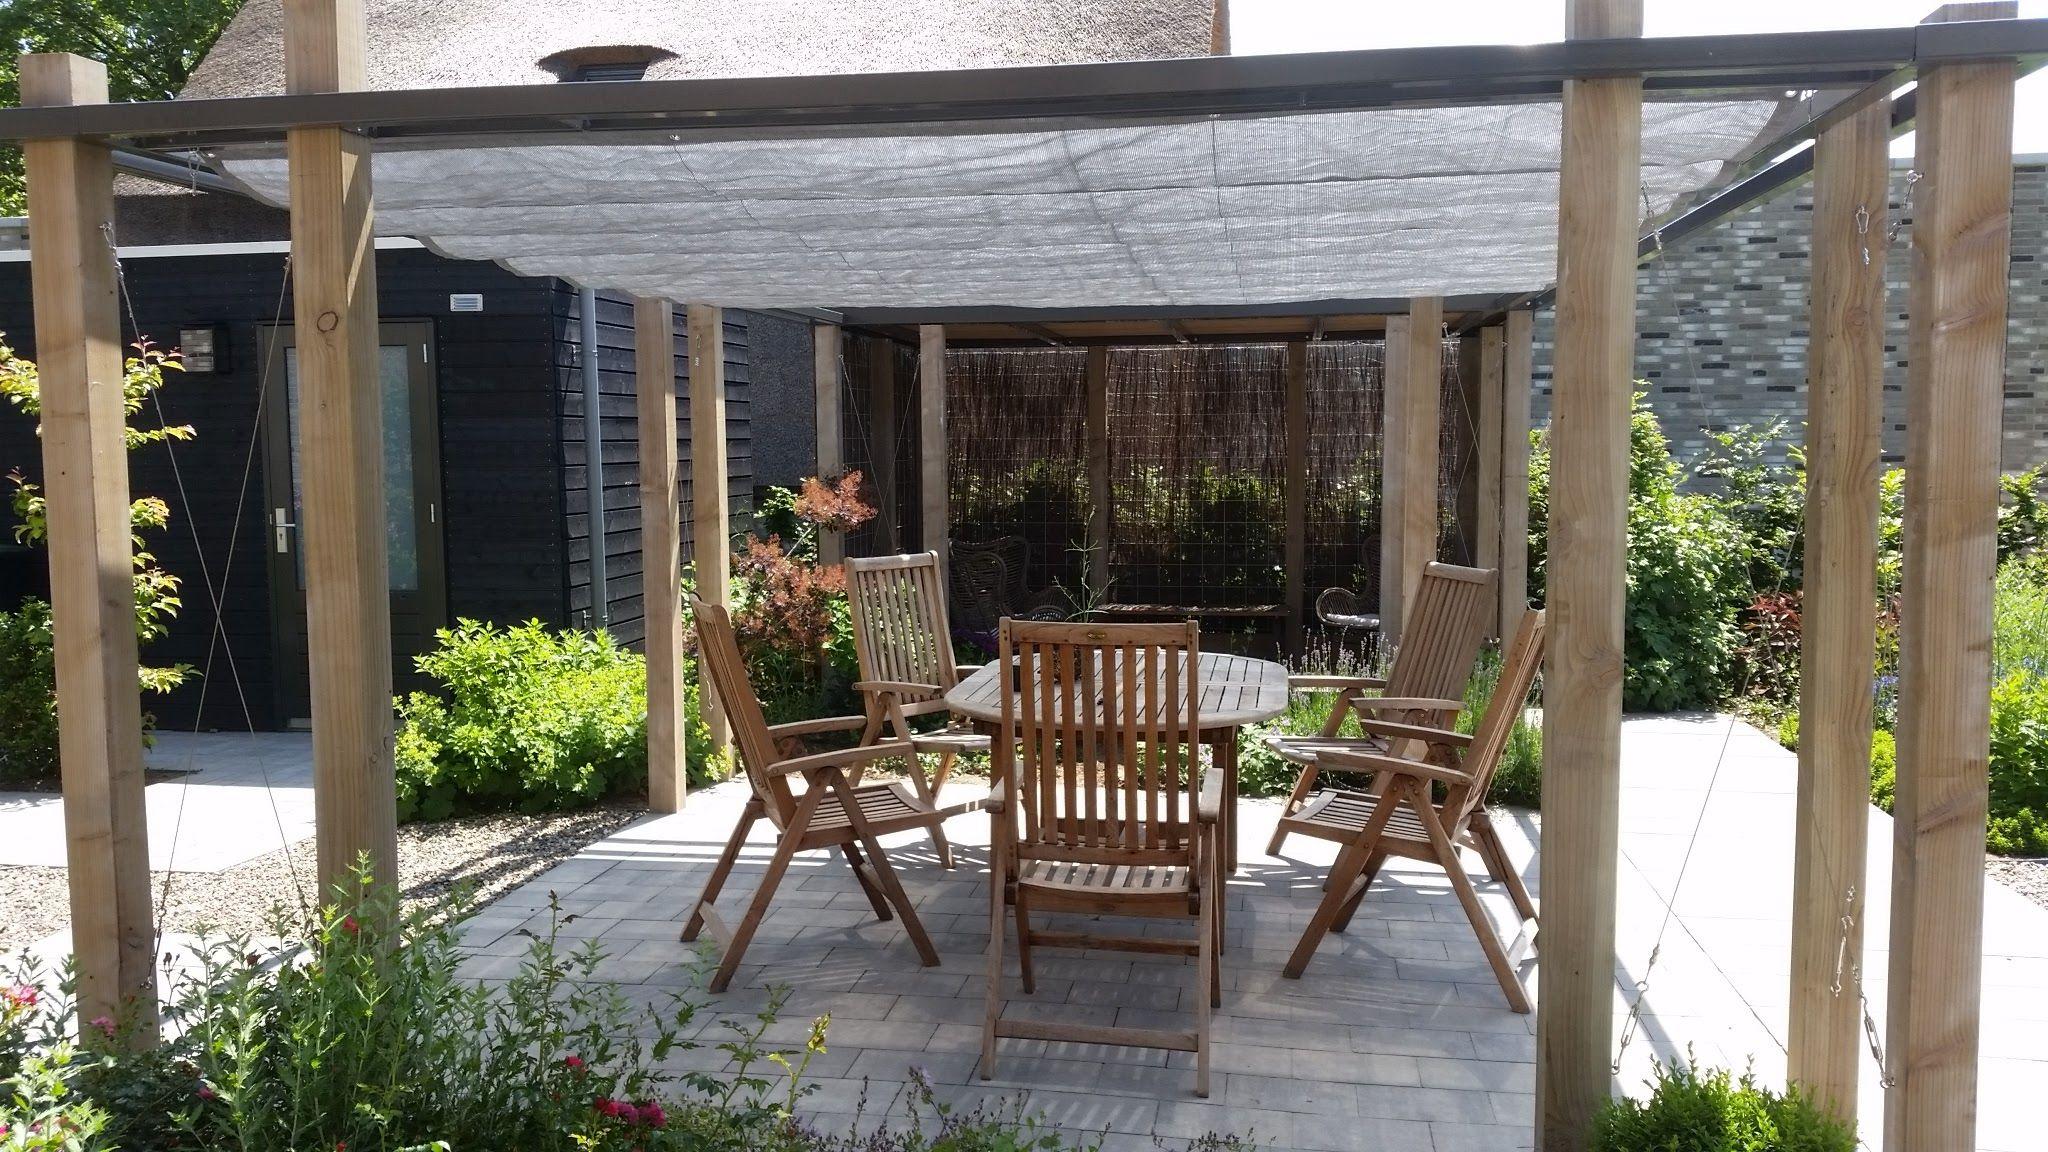 Schaduwlounge pergola met hout en staal en schaduwdoek moderne tuin pinterest staal hout - Pergola met intrekbaar canvas ...